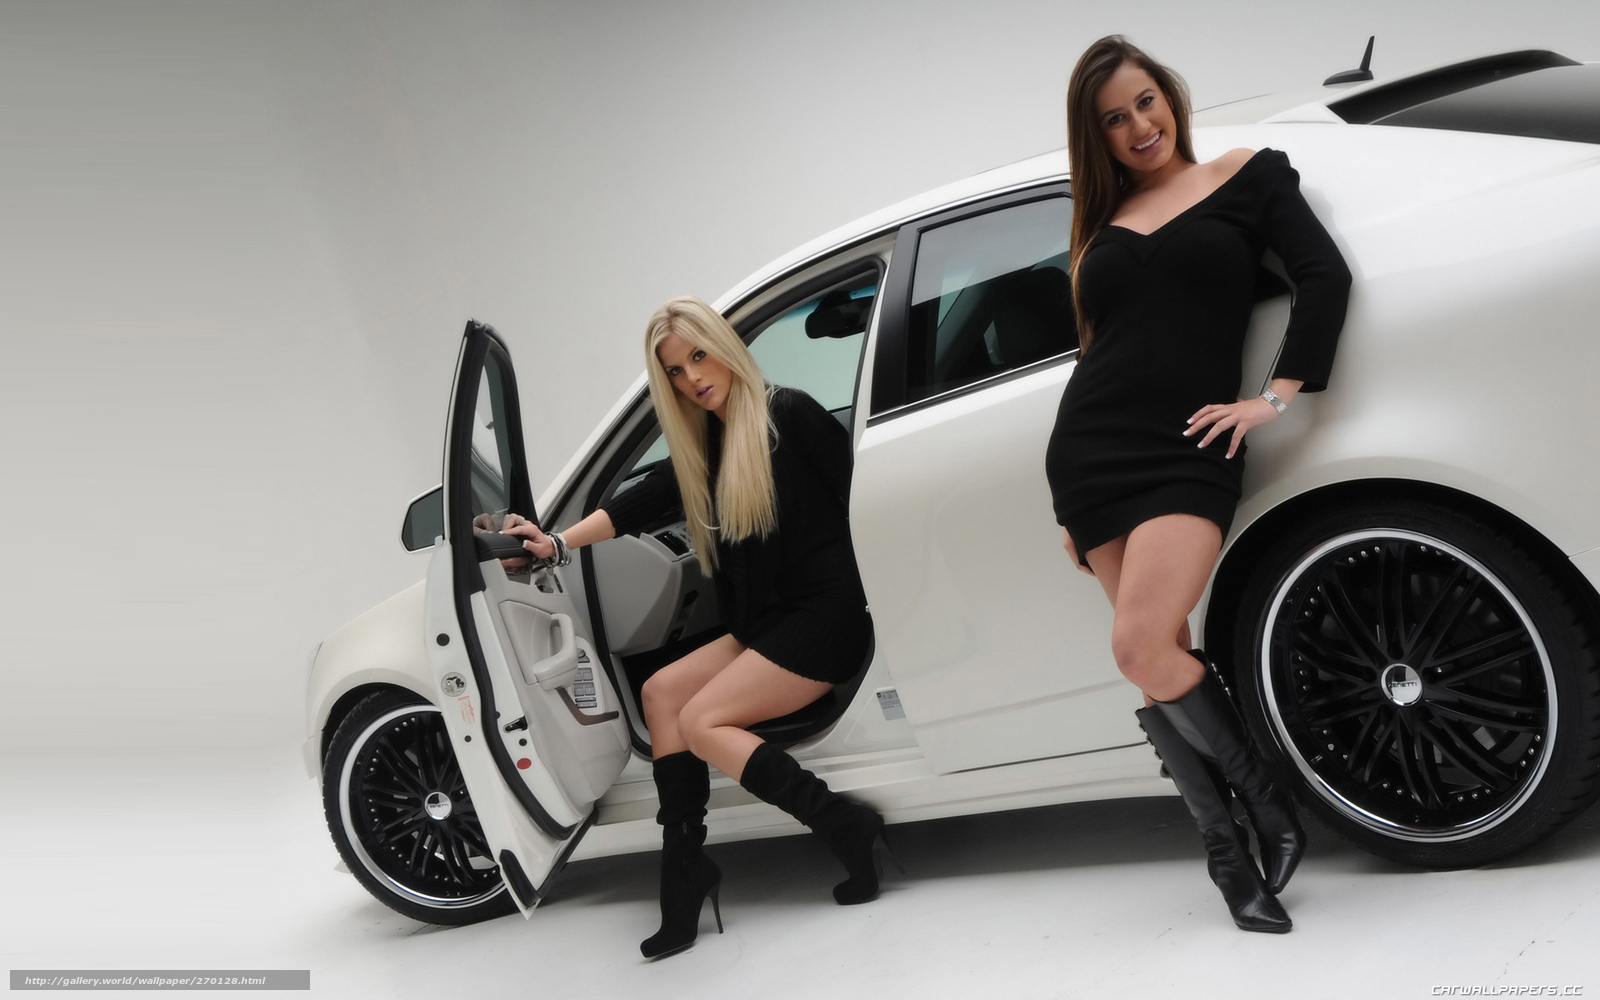 Фото голых девочек в машине 11 фотография